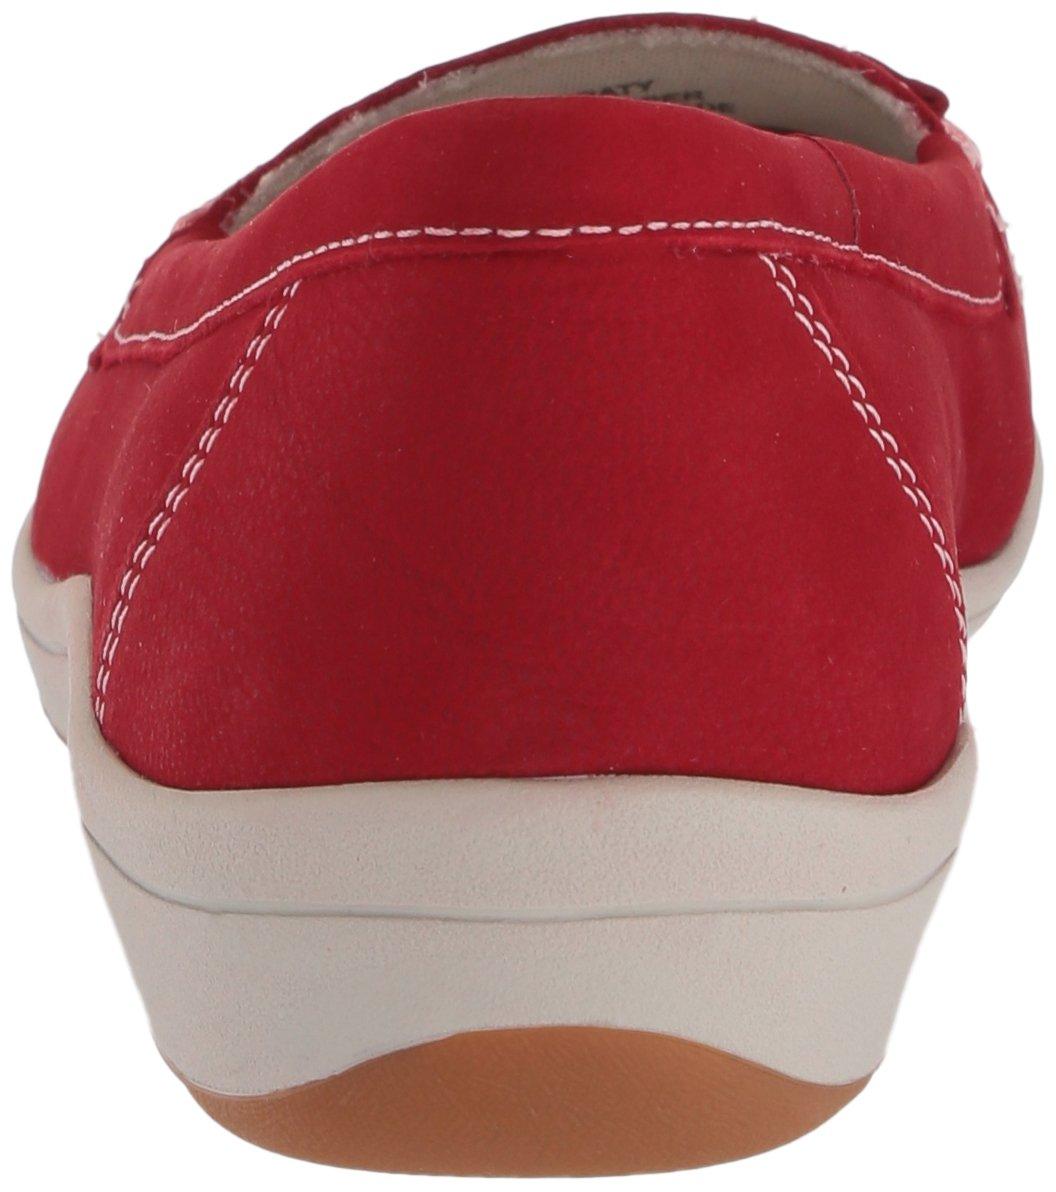 Dámská obuv Loraty Easy Boat 8427 Shoe značky Easy Červené Spirit Červené  8f2e655 7b51a89b807